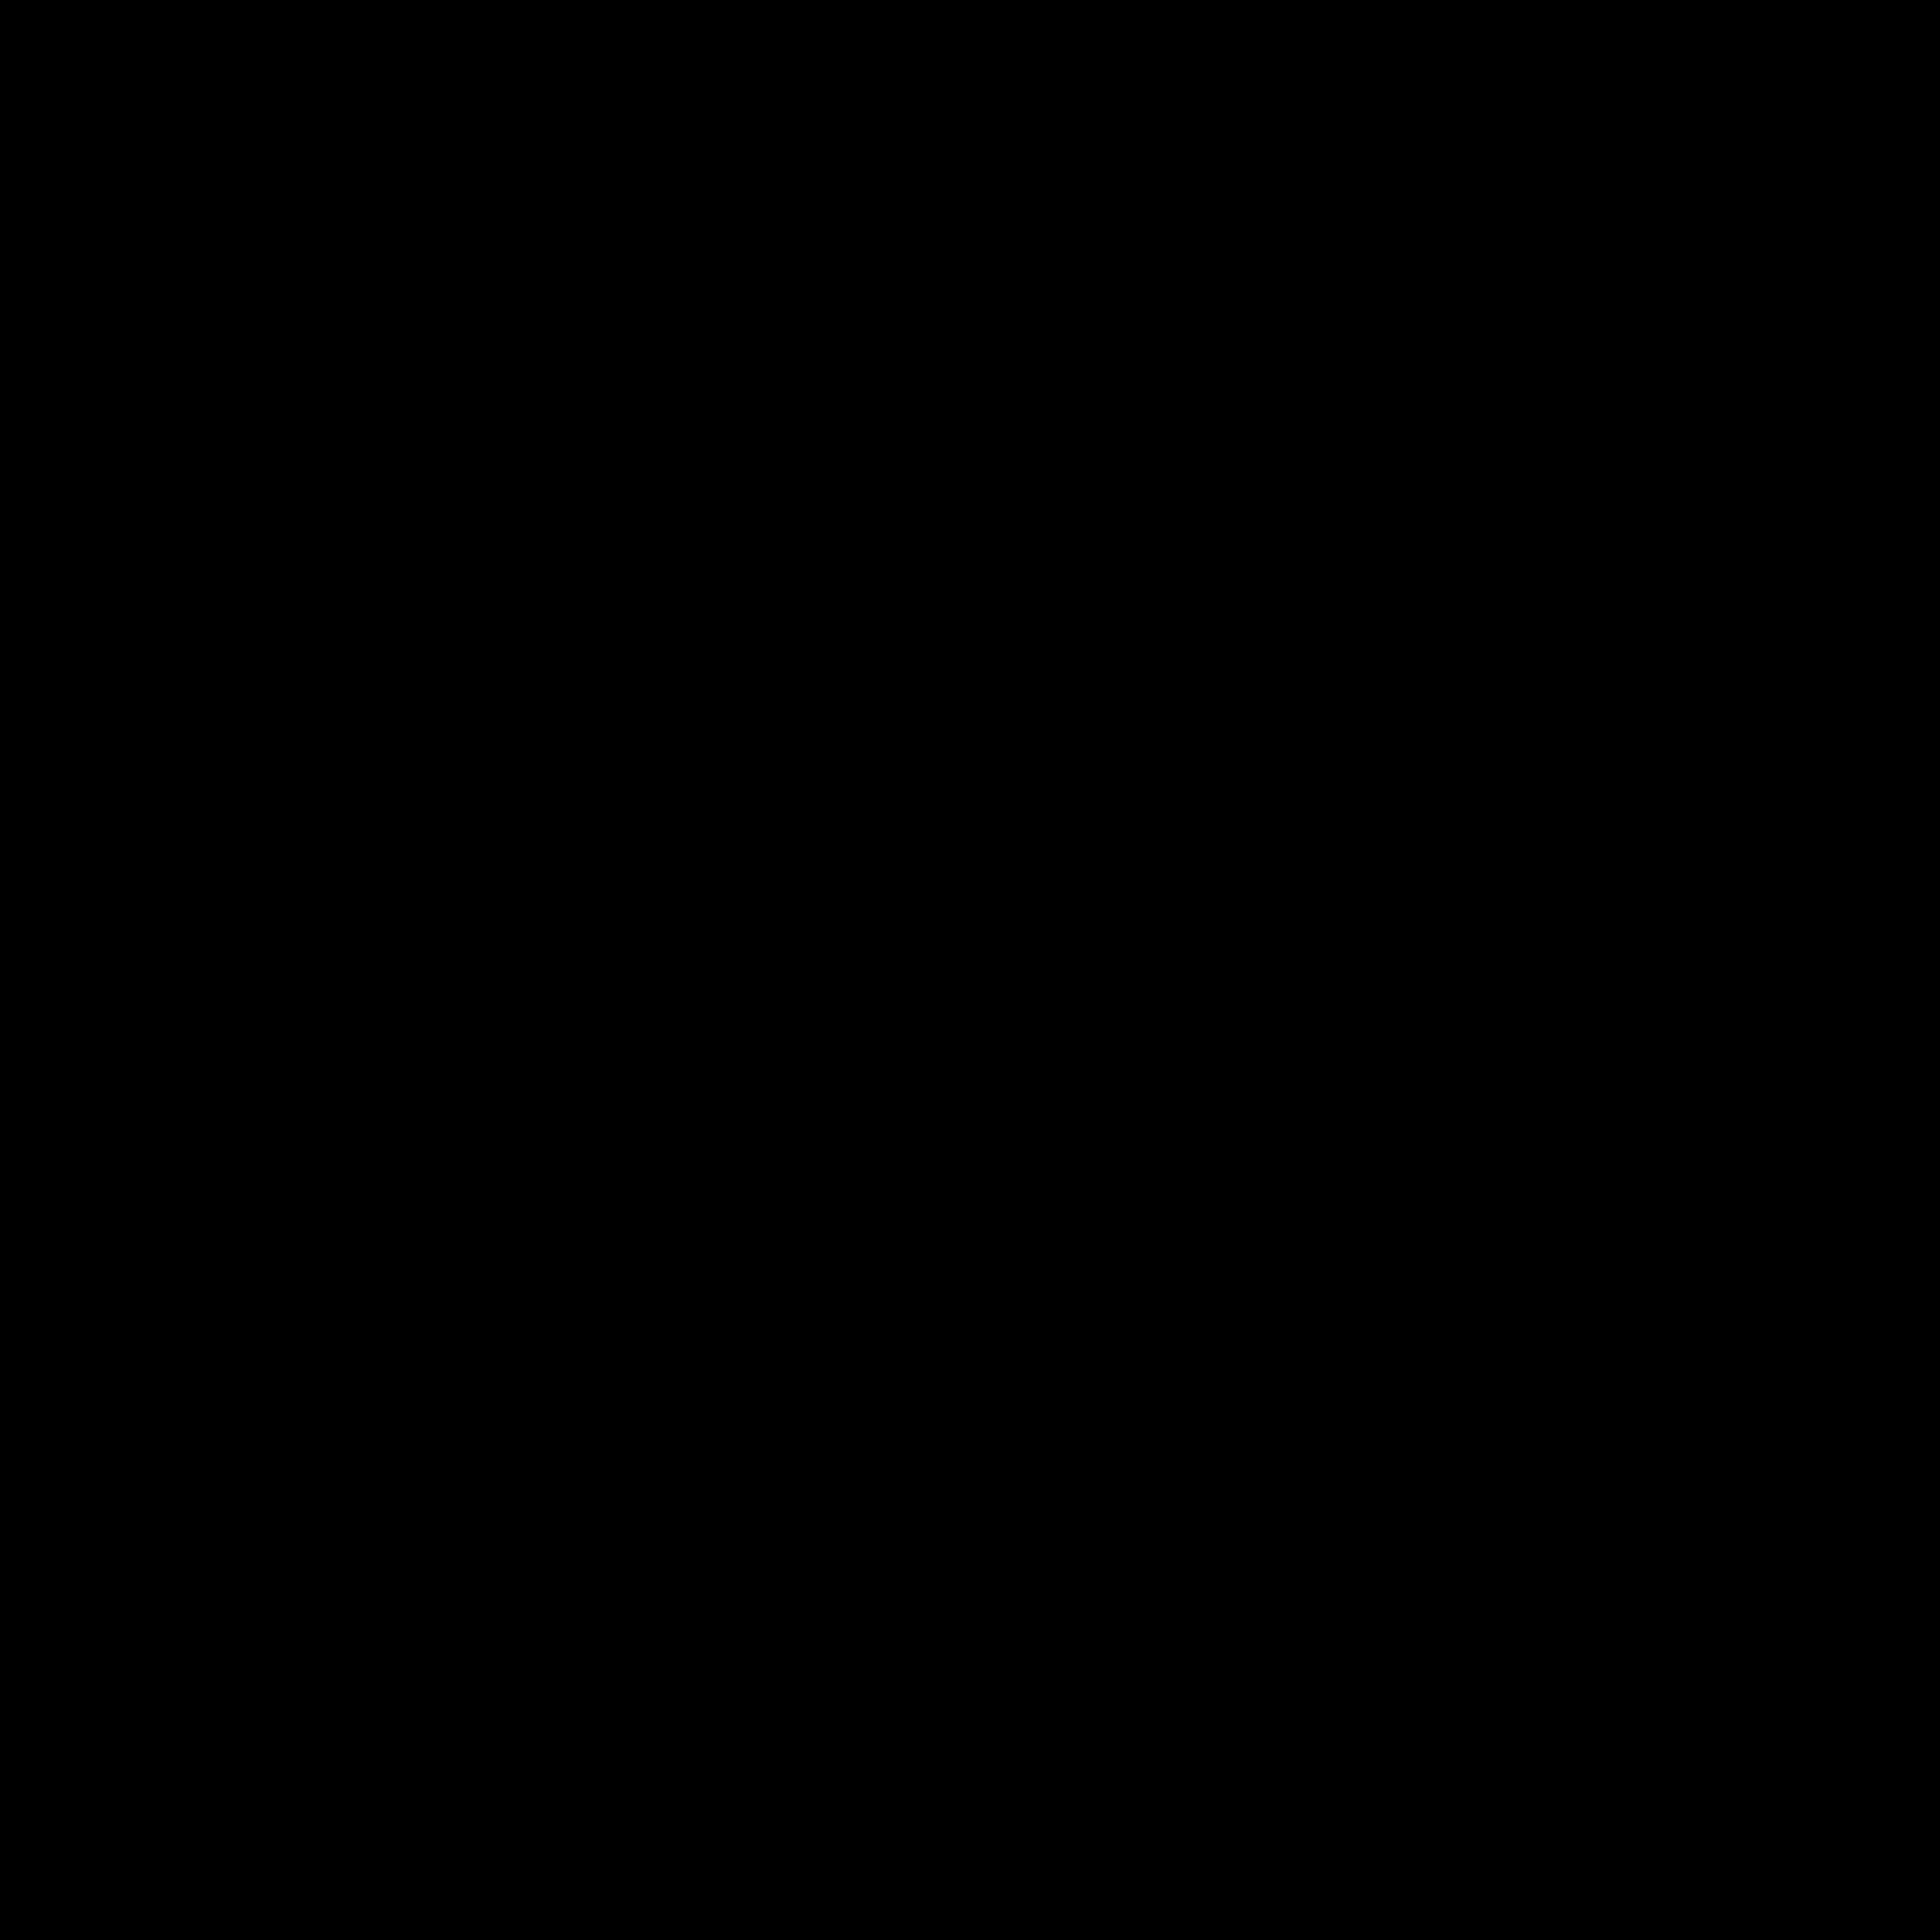 Biohazard Svg Biological Hazard Biohazard Symbol Hazard Symbol